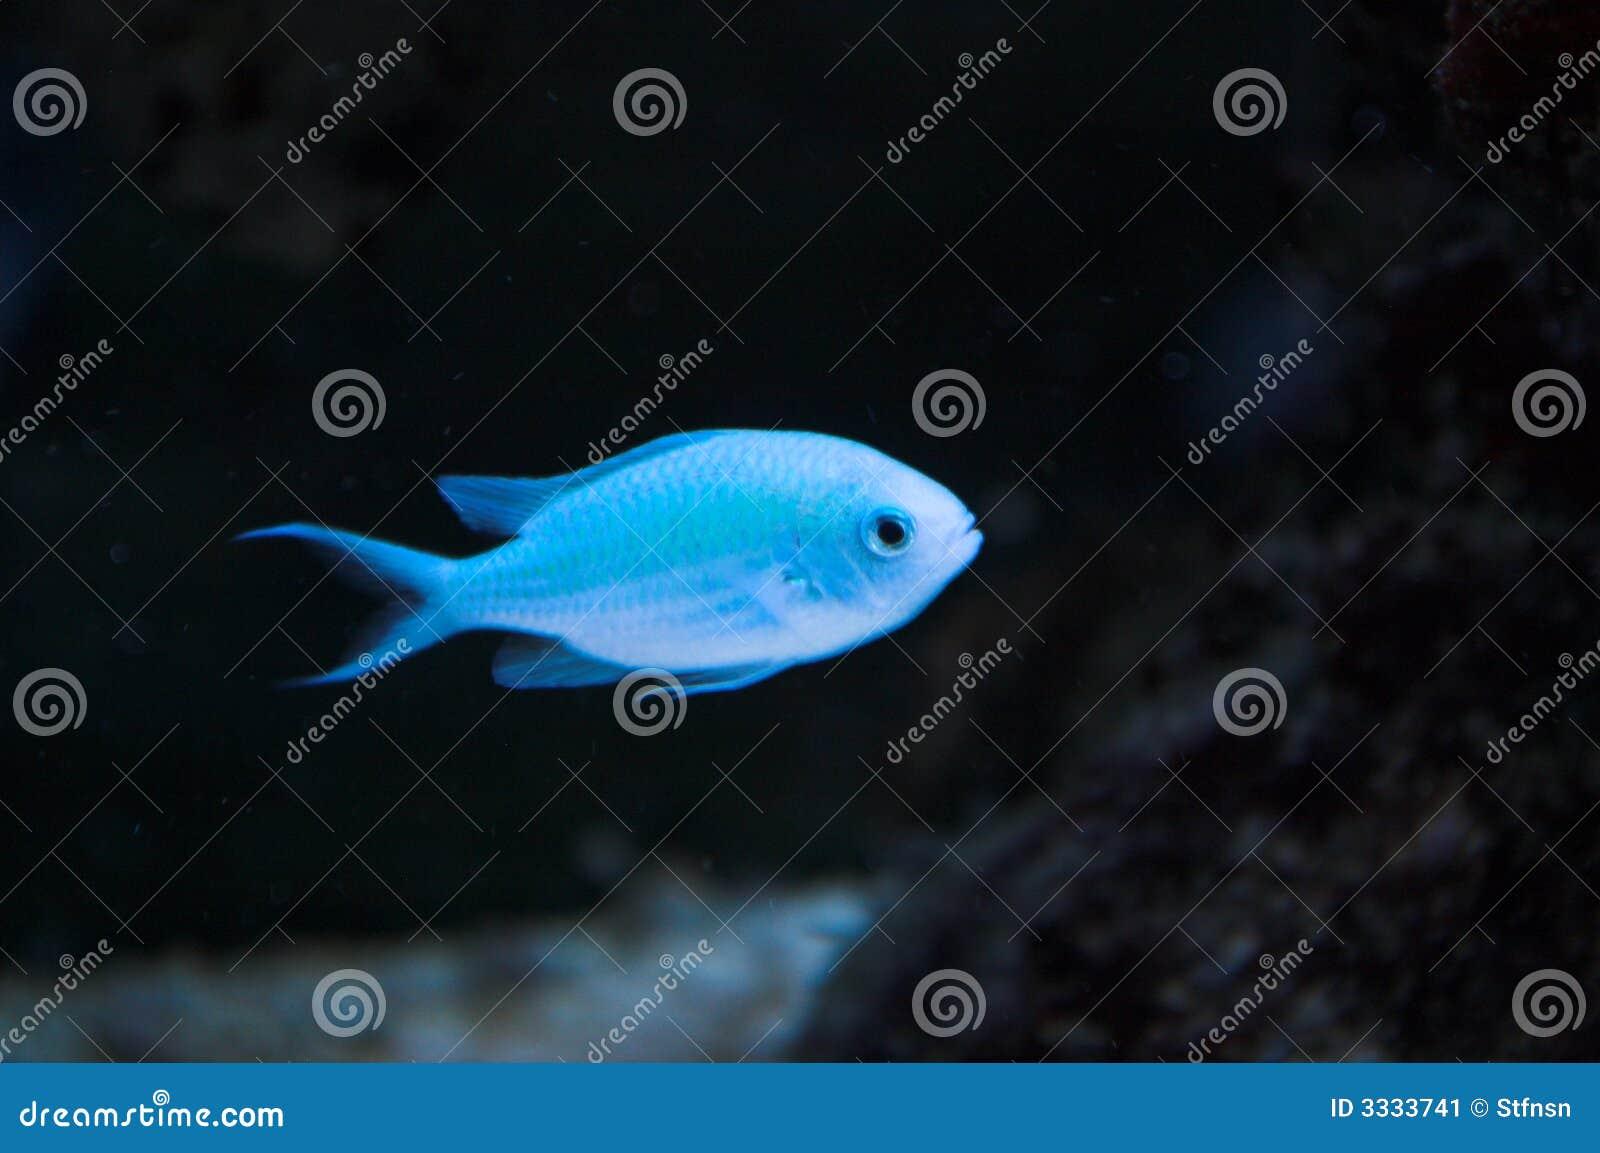 Blue damsel fish in aquarium stock image image 3333741 for Blue fish aquarium